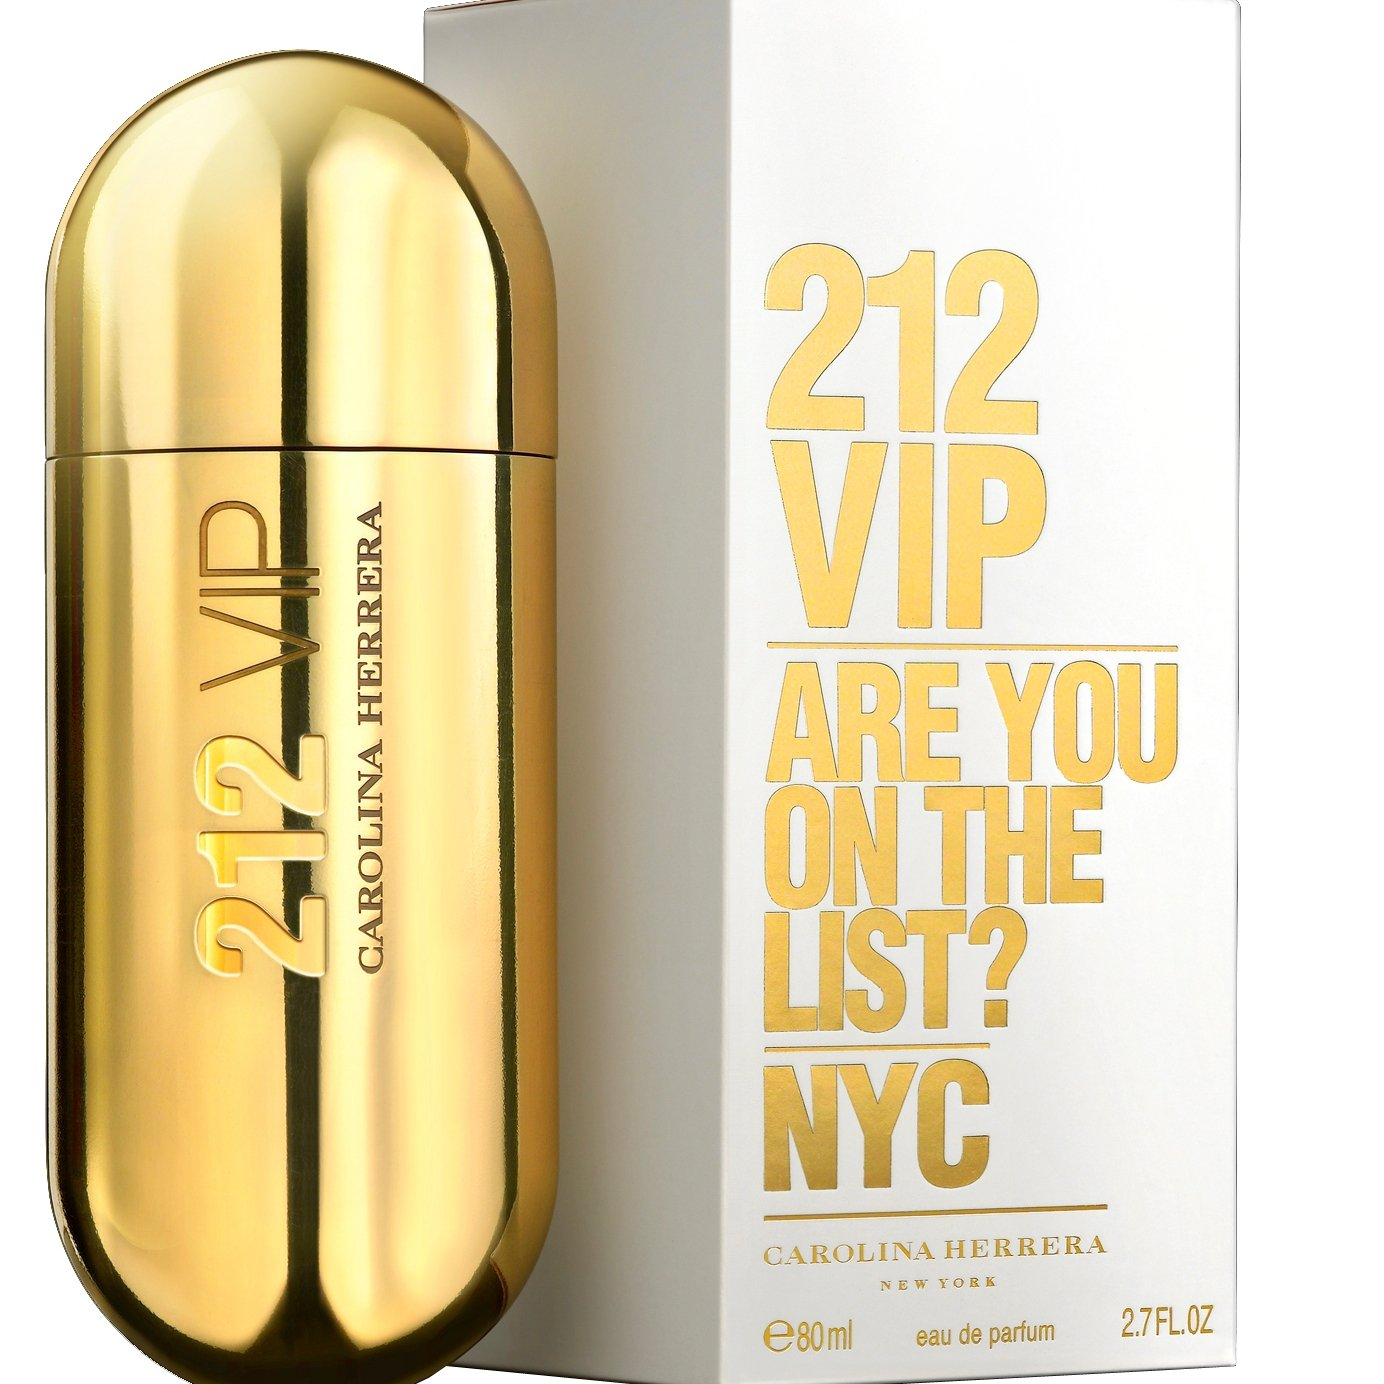 perfume carolina herrera 212 vip feminino edp 80 ml 6144 2000 160490